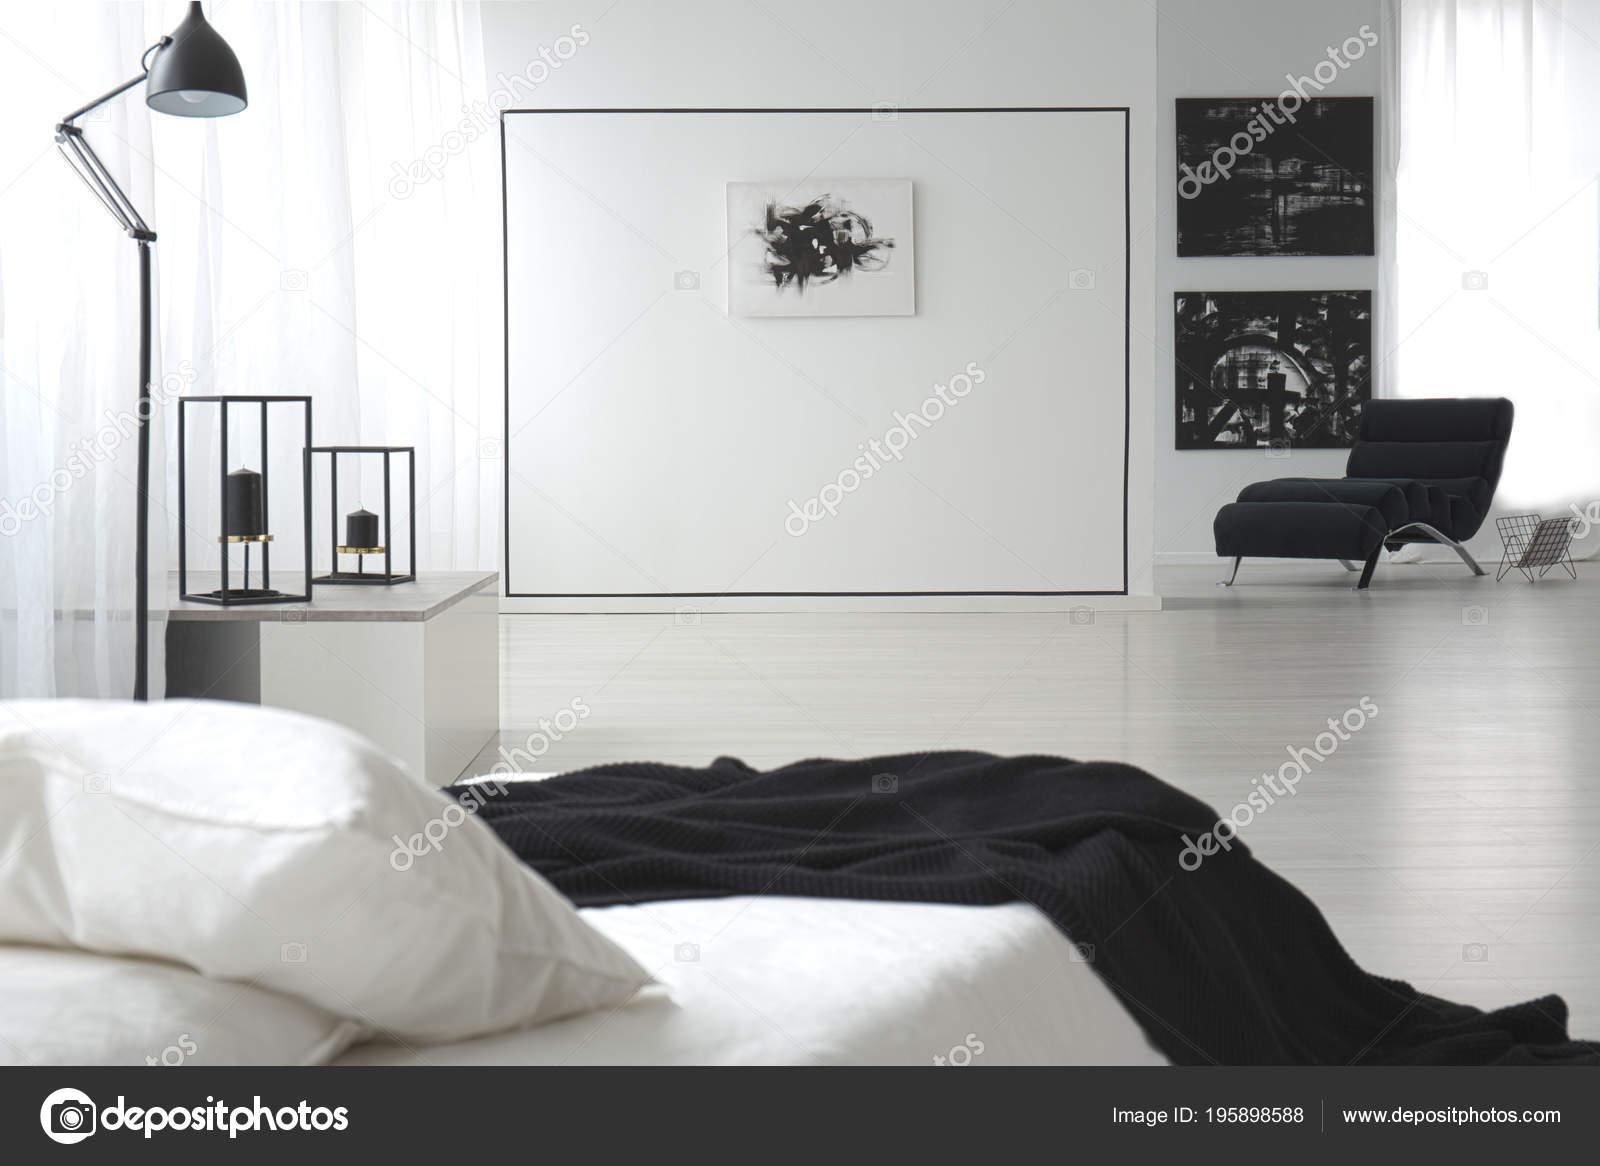 Noir Et Blanc Intérieur De Chambre à Coucher Avec Lit Double, Peintures,  Décoration De La Lampe Et Le Mur U2014 Image De ...